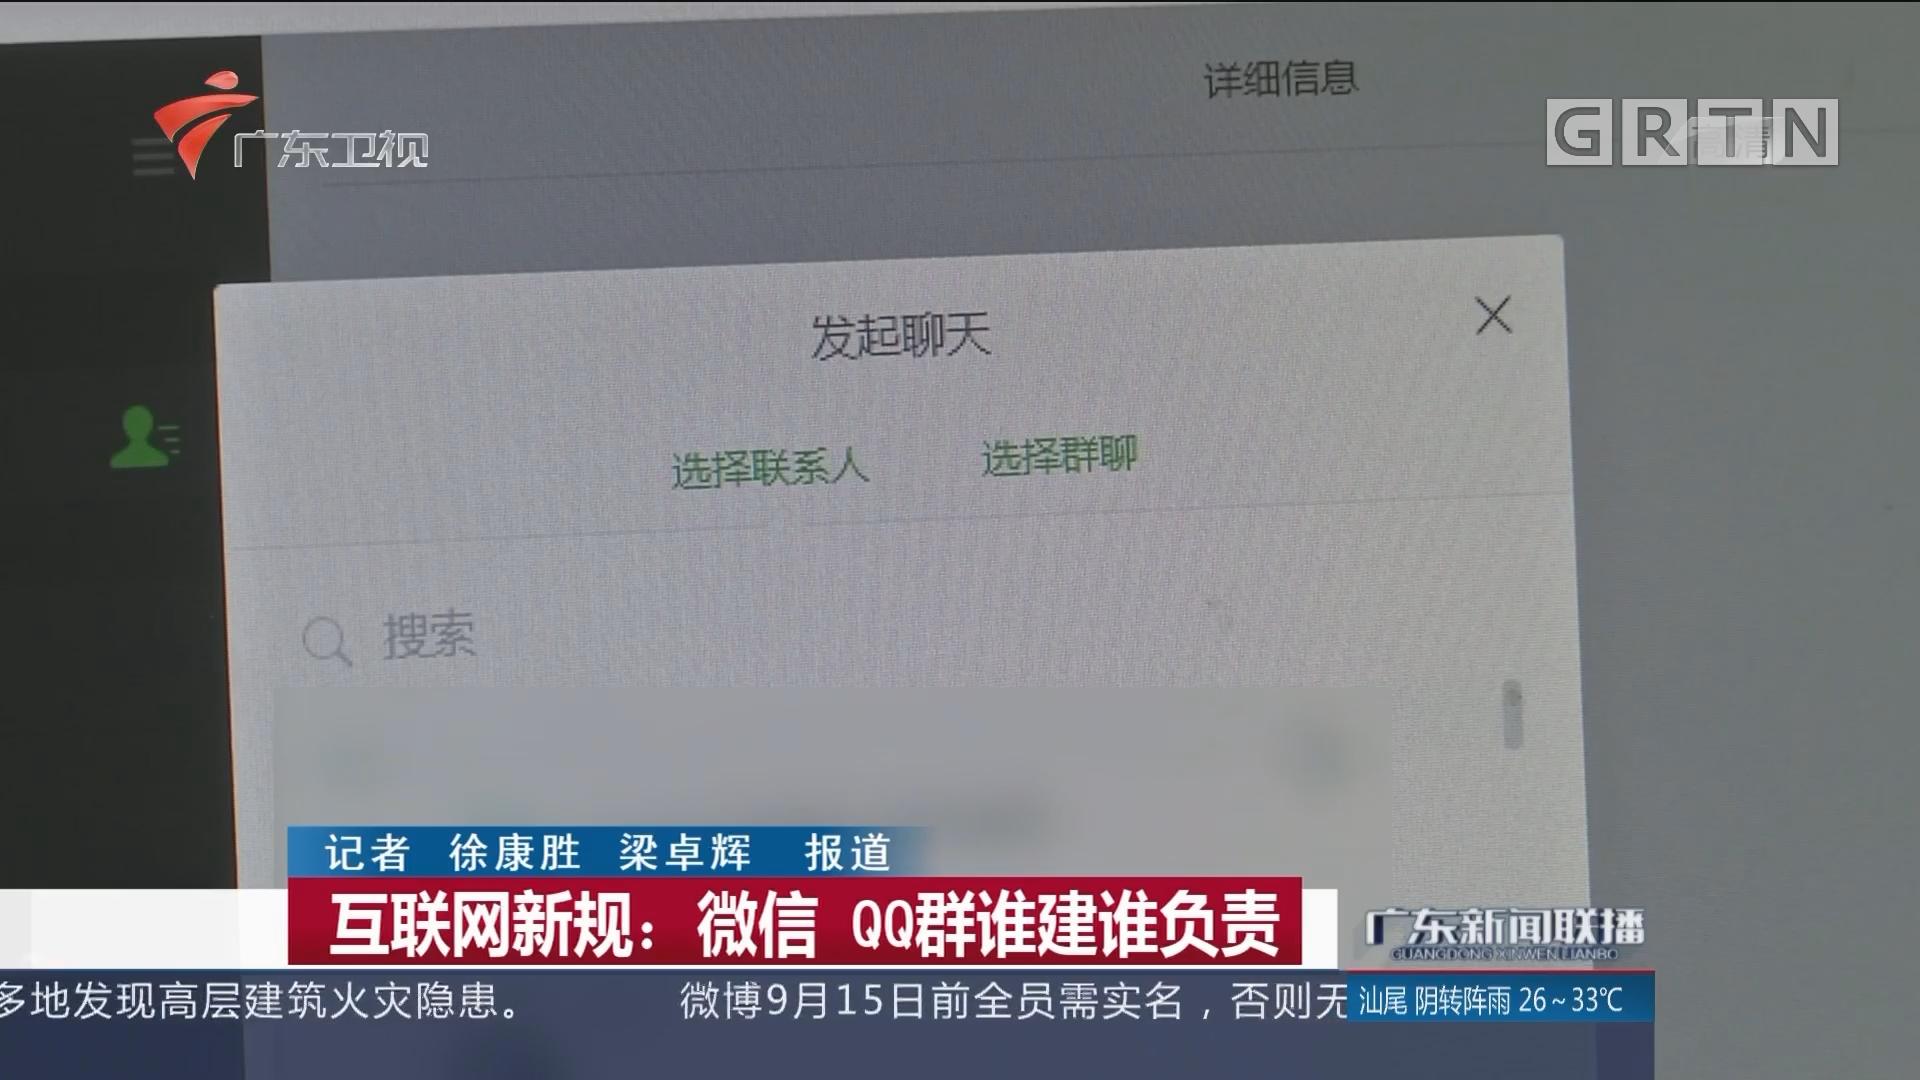 互联网新规:微信 QQ群谁建谁负责